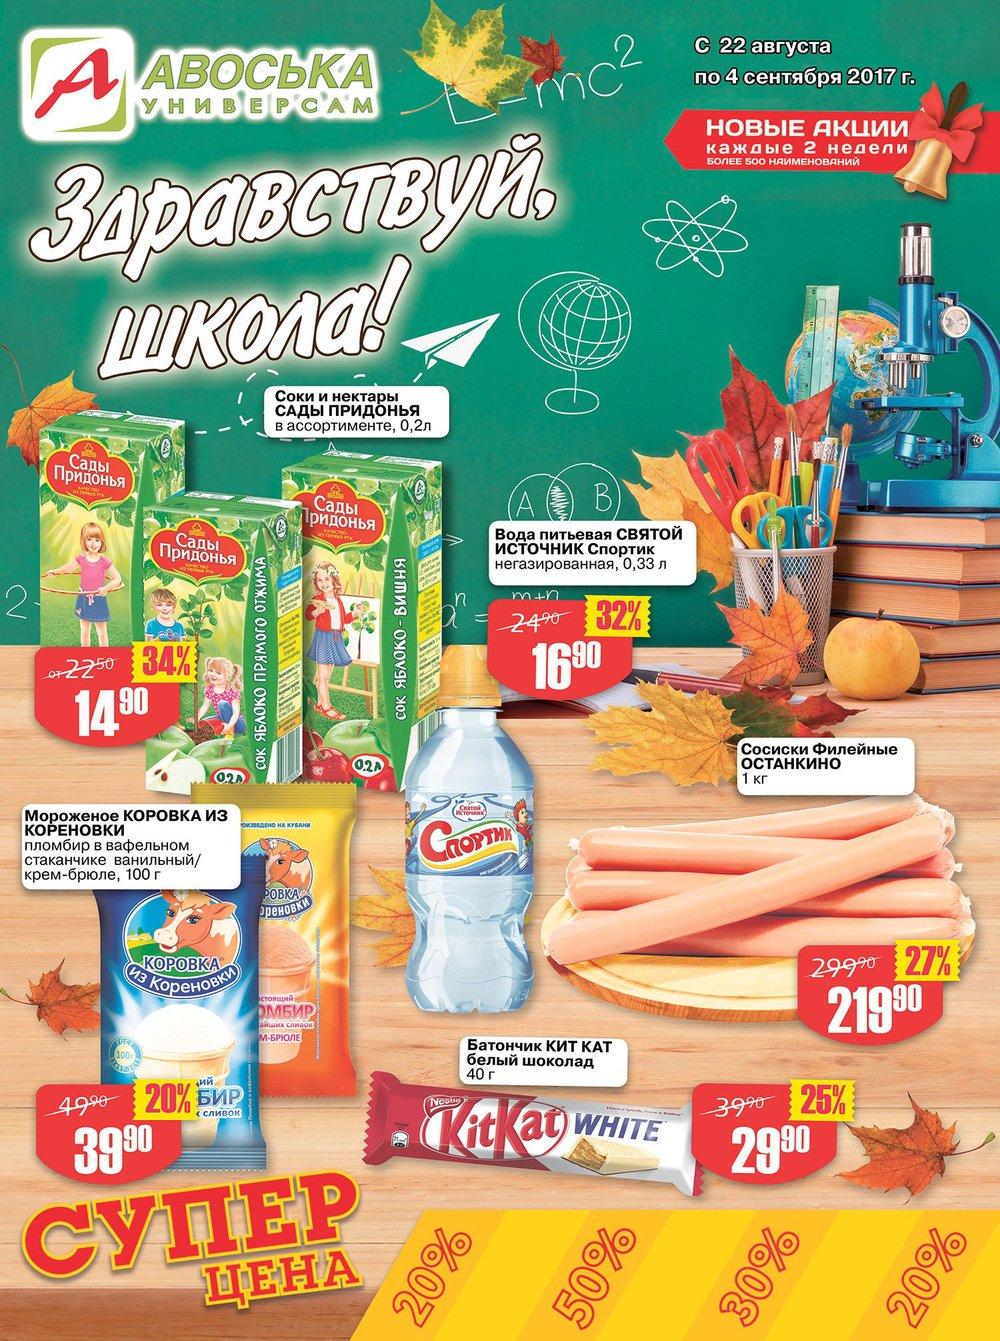 Каталог акций Авоська с 22 августа по 4 сентября 2017 - стр. 1